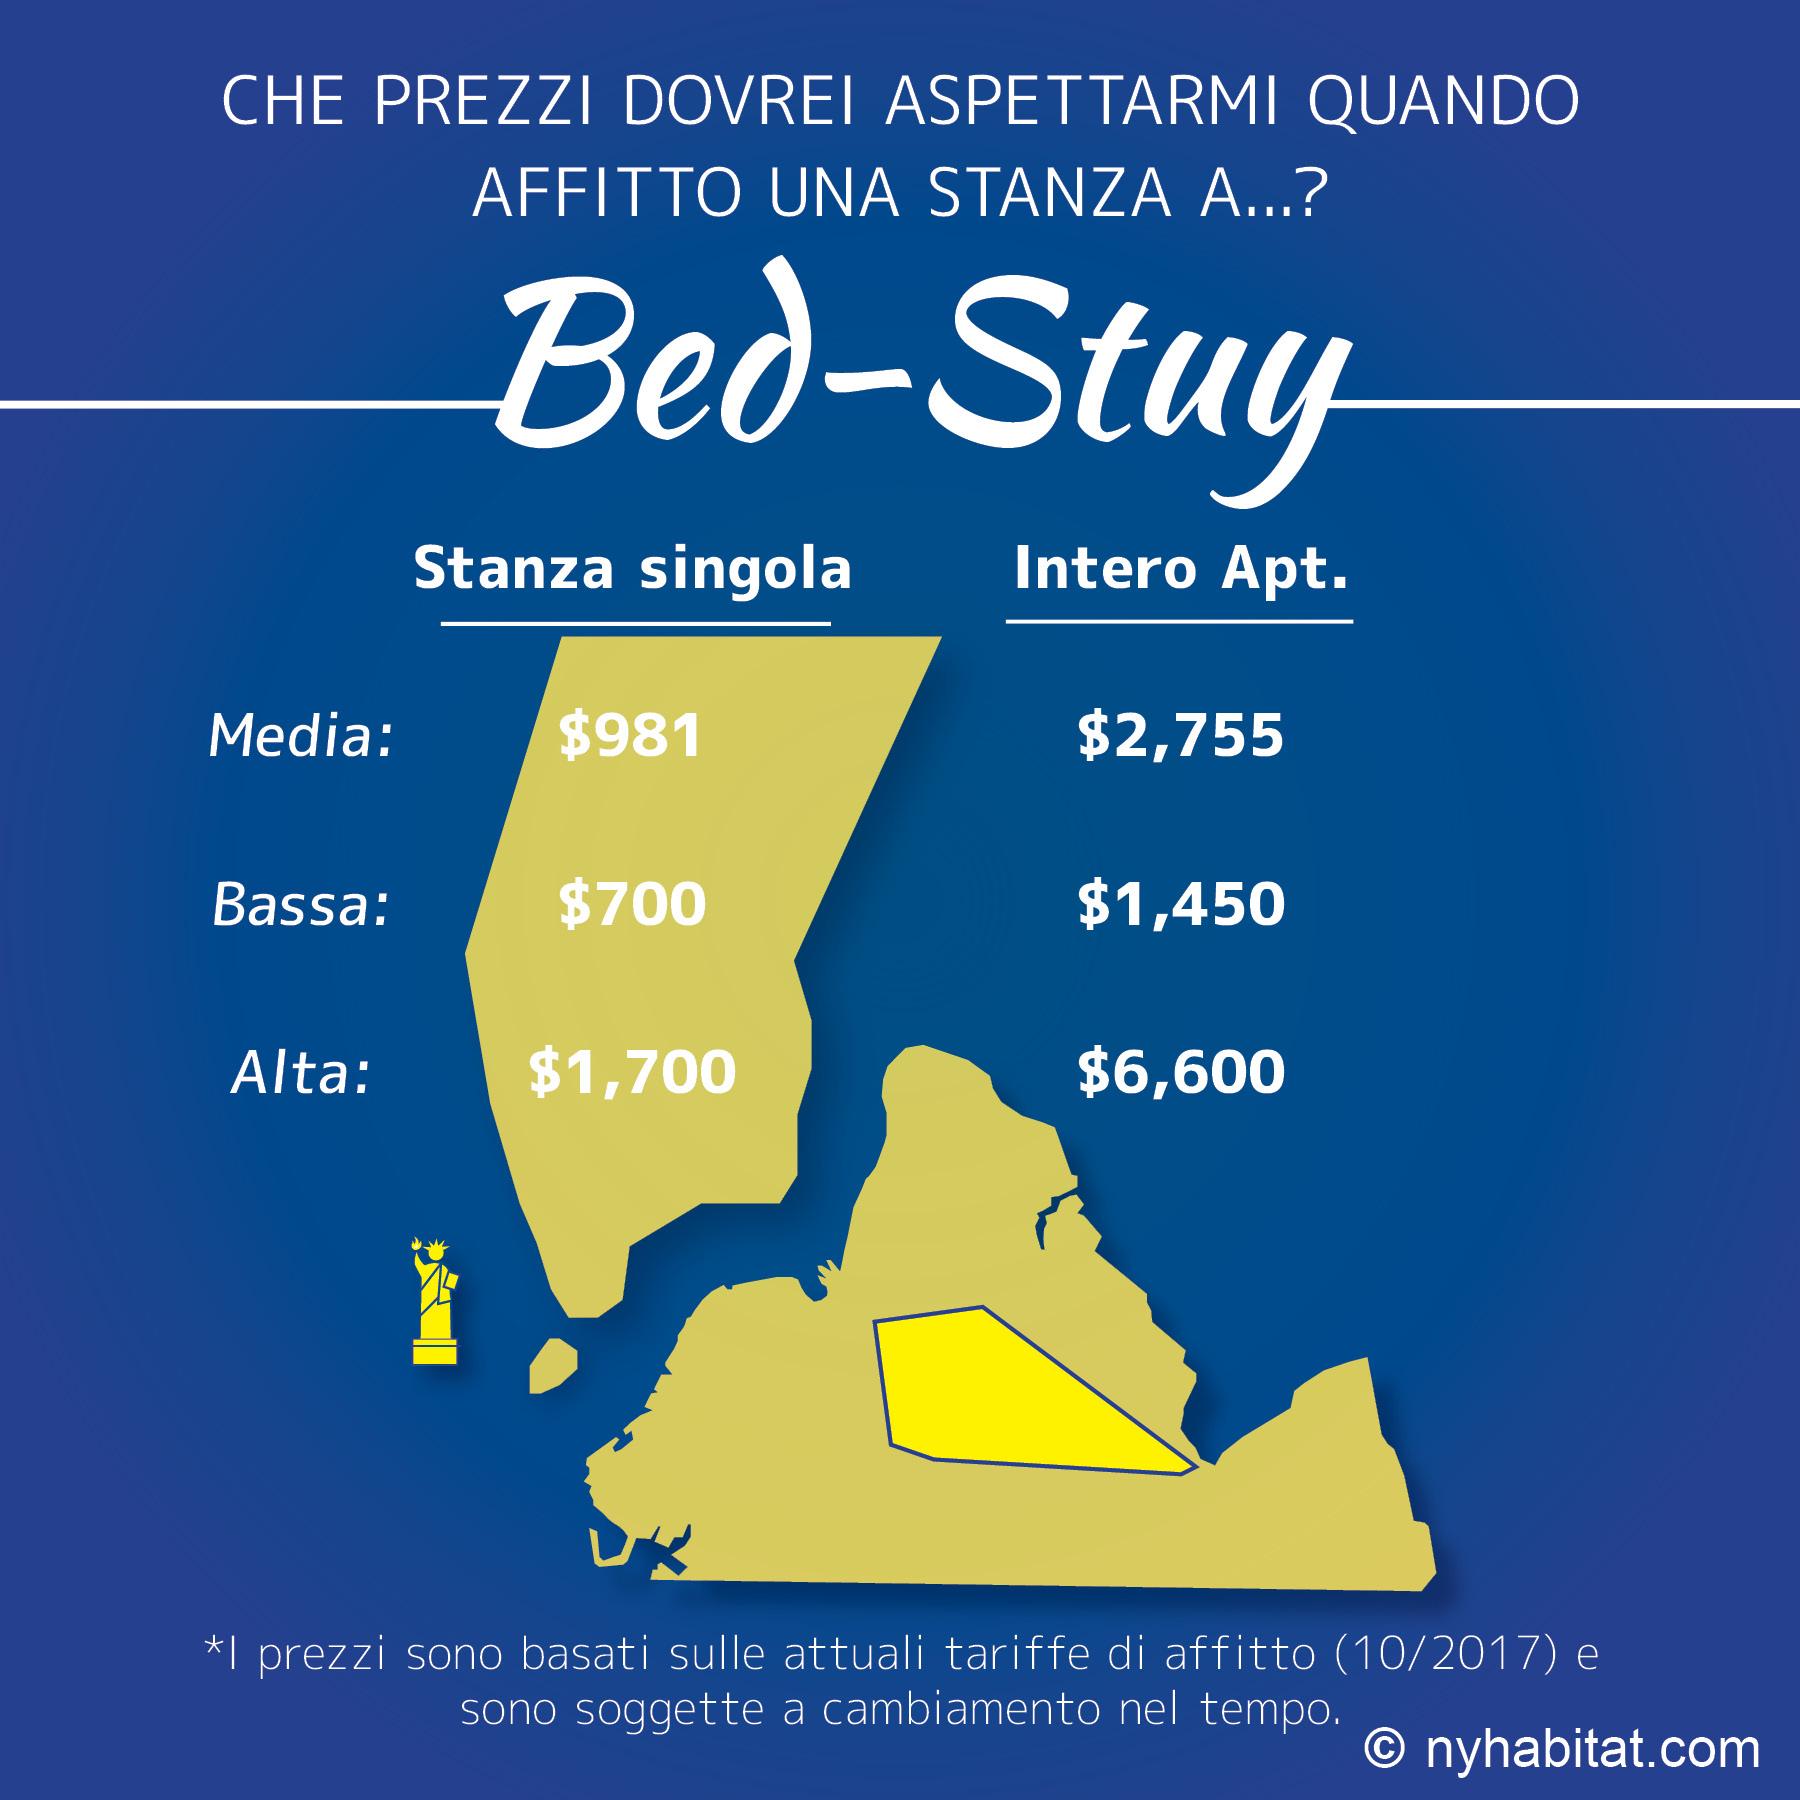 Infografica di confronto dei prezzi per gli affitti di stanze e appartamenti in affitto a Bed-Stuy, Brooklyn